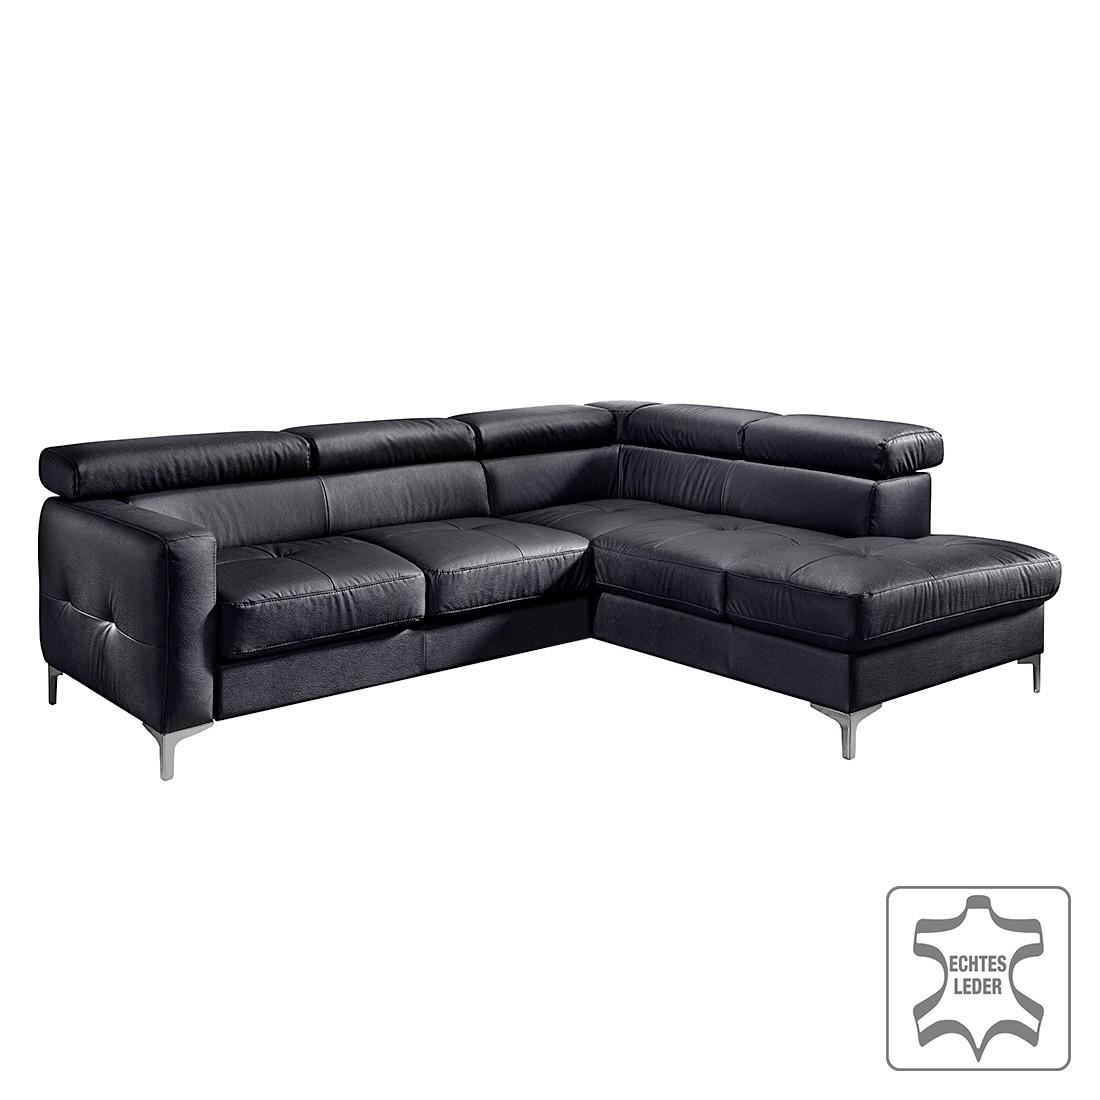 Canapé d'angle Eduardo II - Cuir véritable - Méridienne à droite (vue de face) - Sans fonction couch